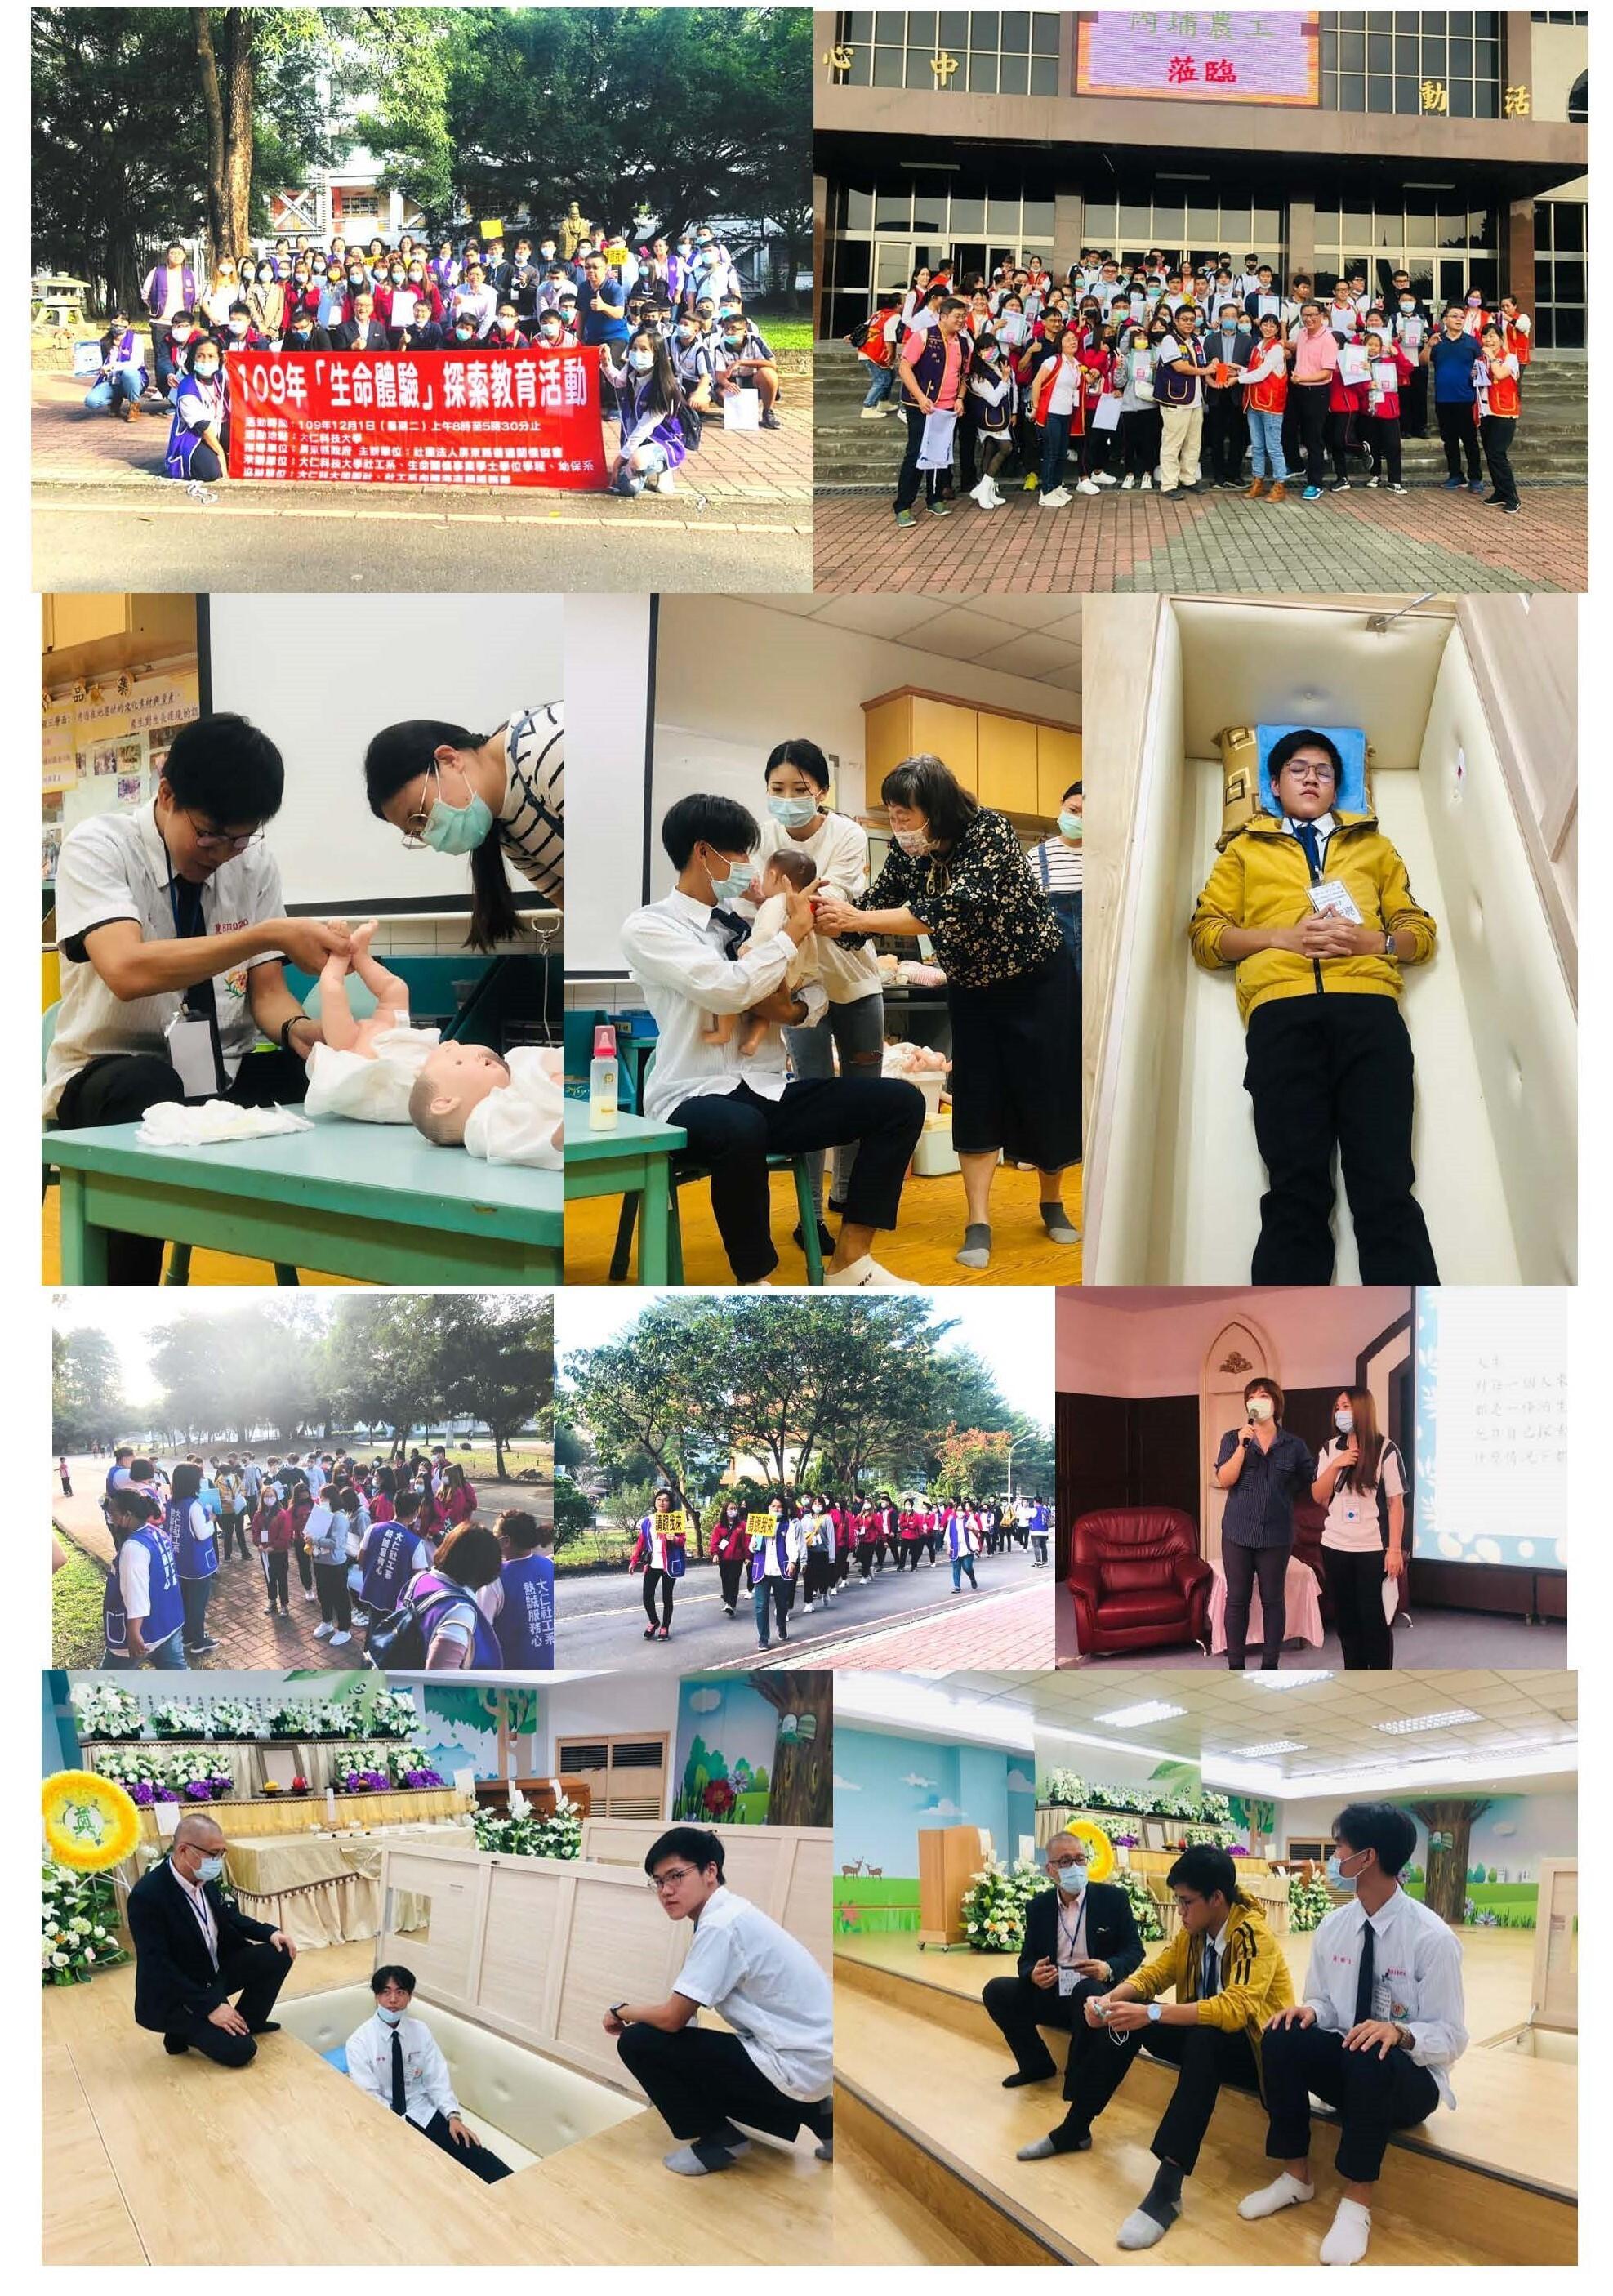 大仁舉辦高中職青年「生命探索教育與躺棺體驗營」-大仁科技大學